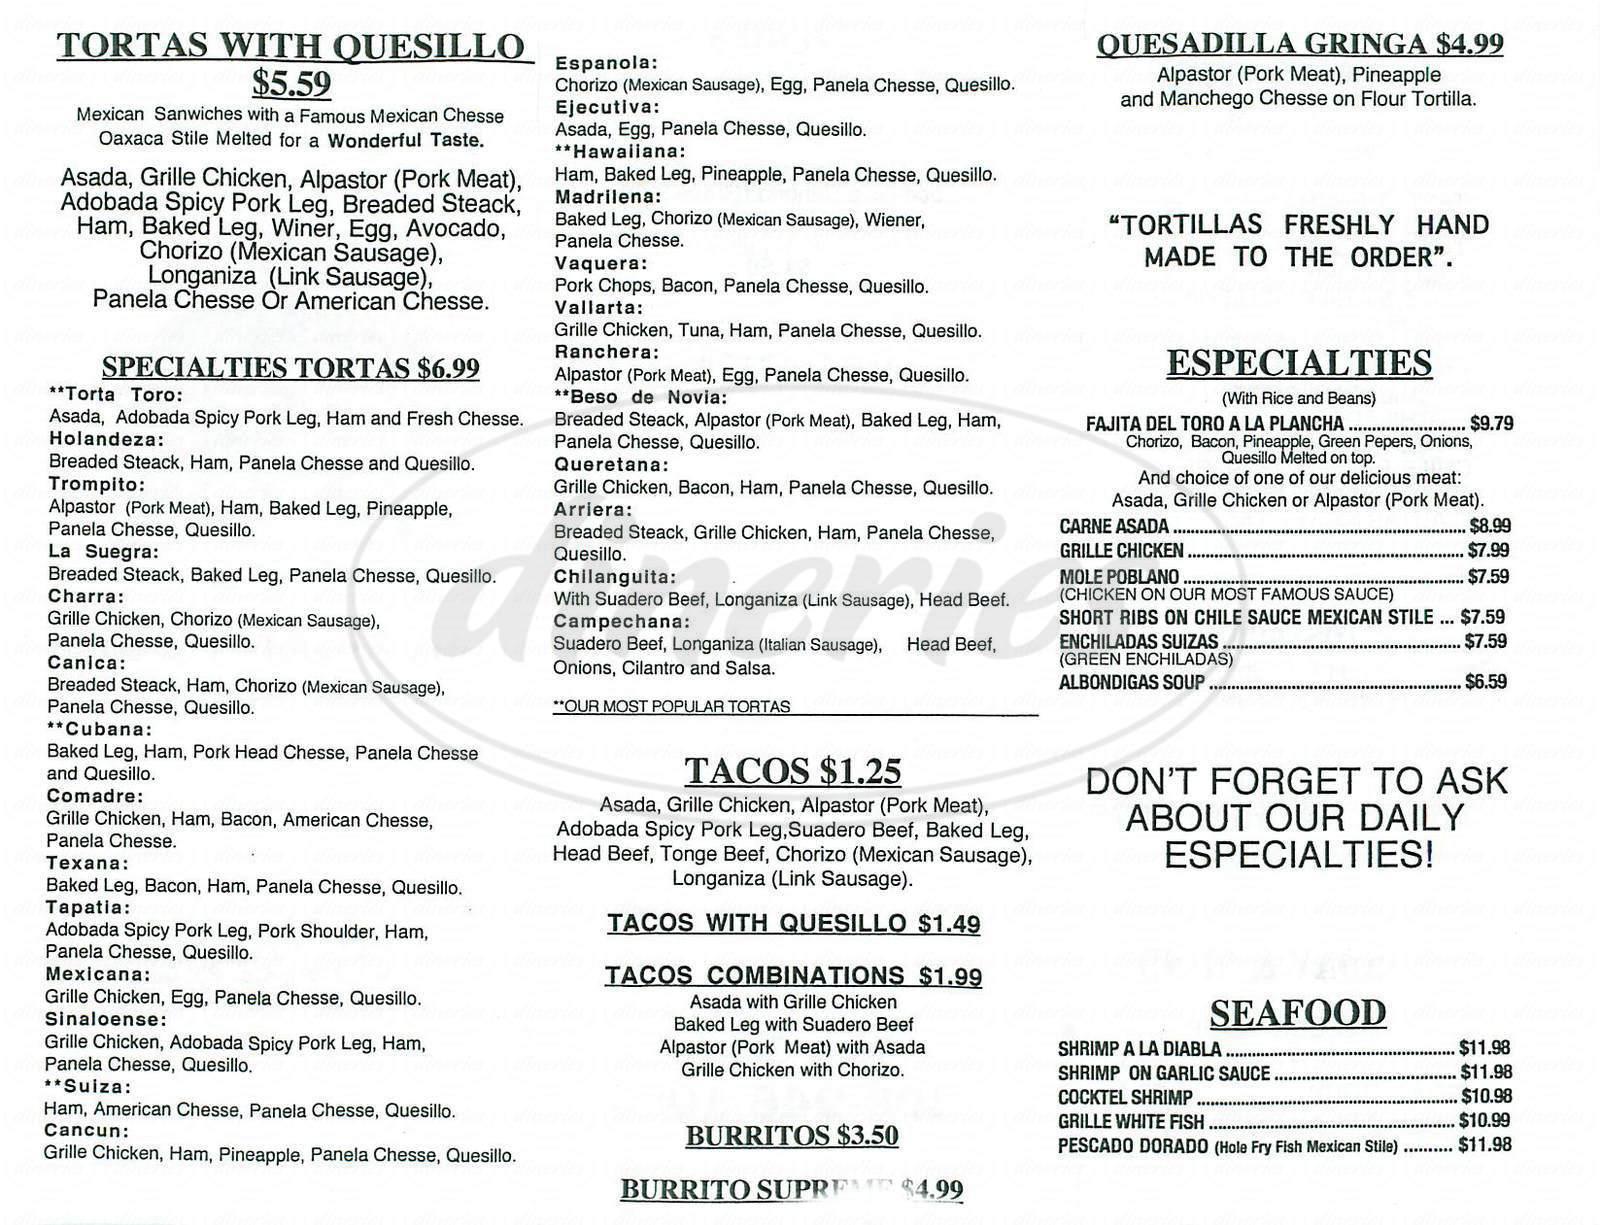 menu for Torteria del Toro